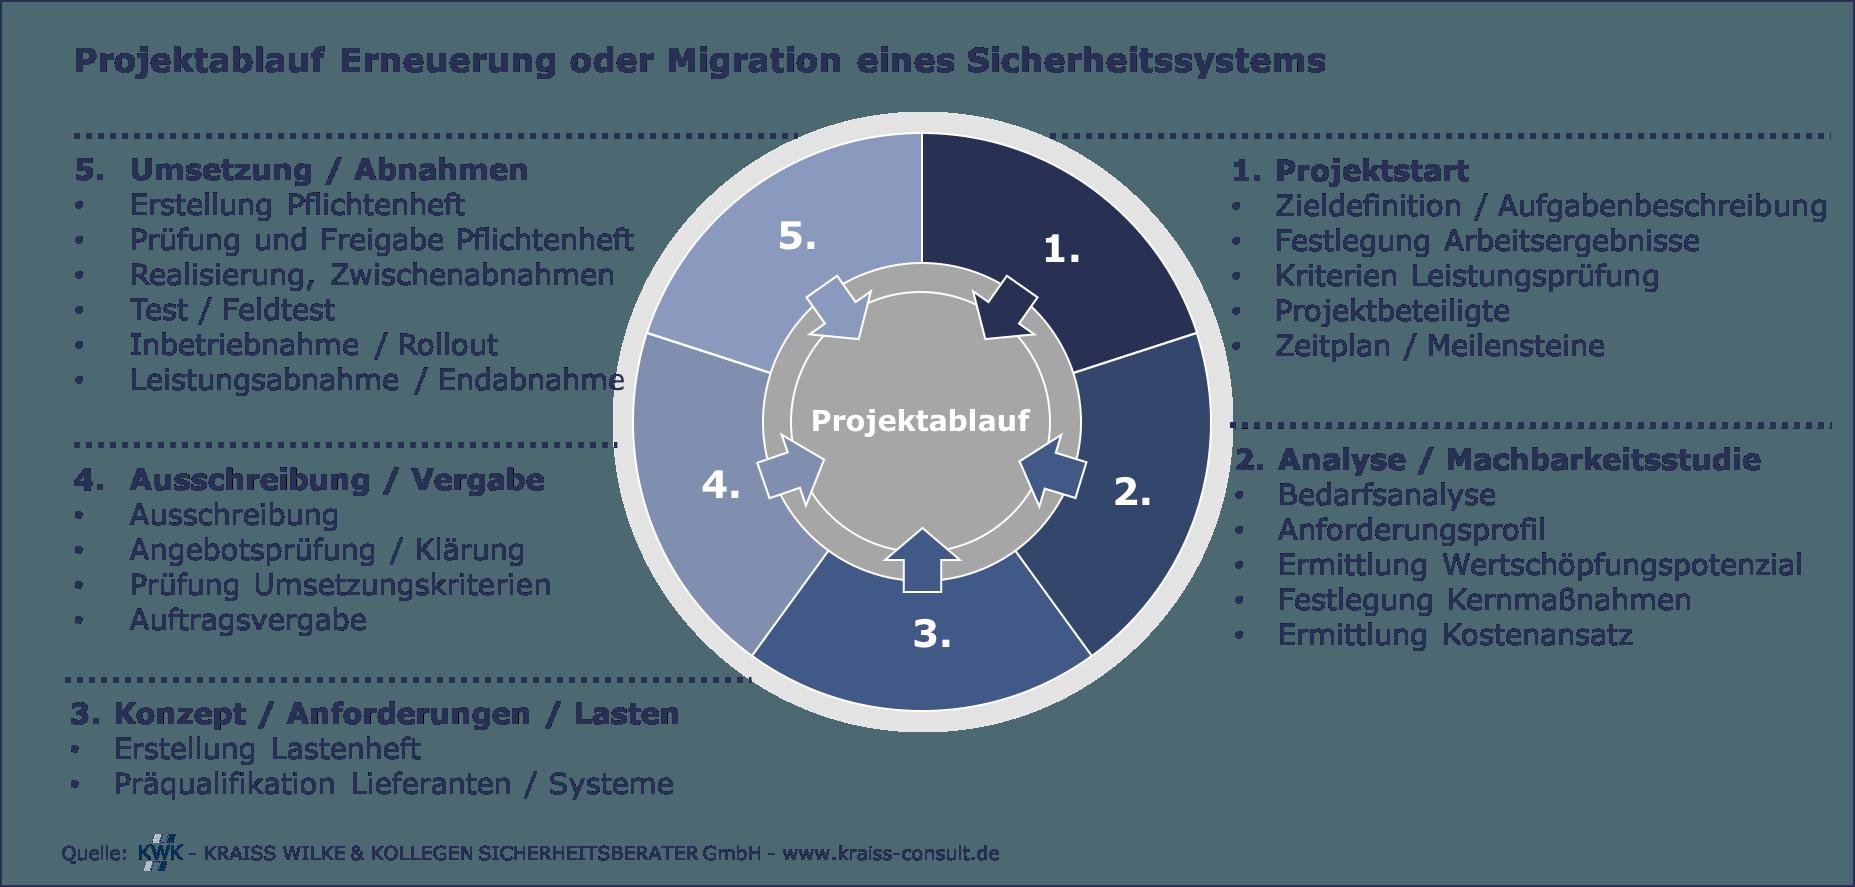 Grafik mit Text Projektablauf Erneuerung oder Migration eines Sicherheitssystems